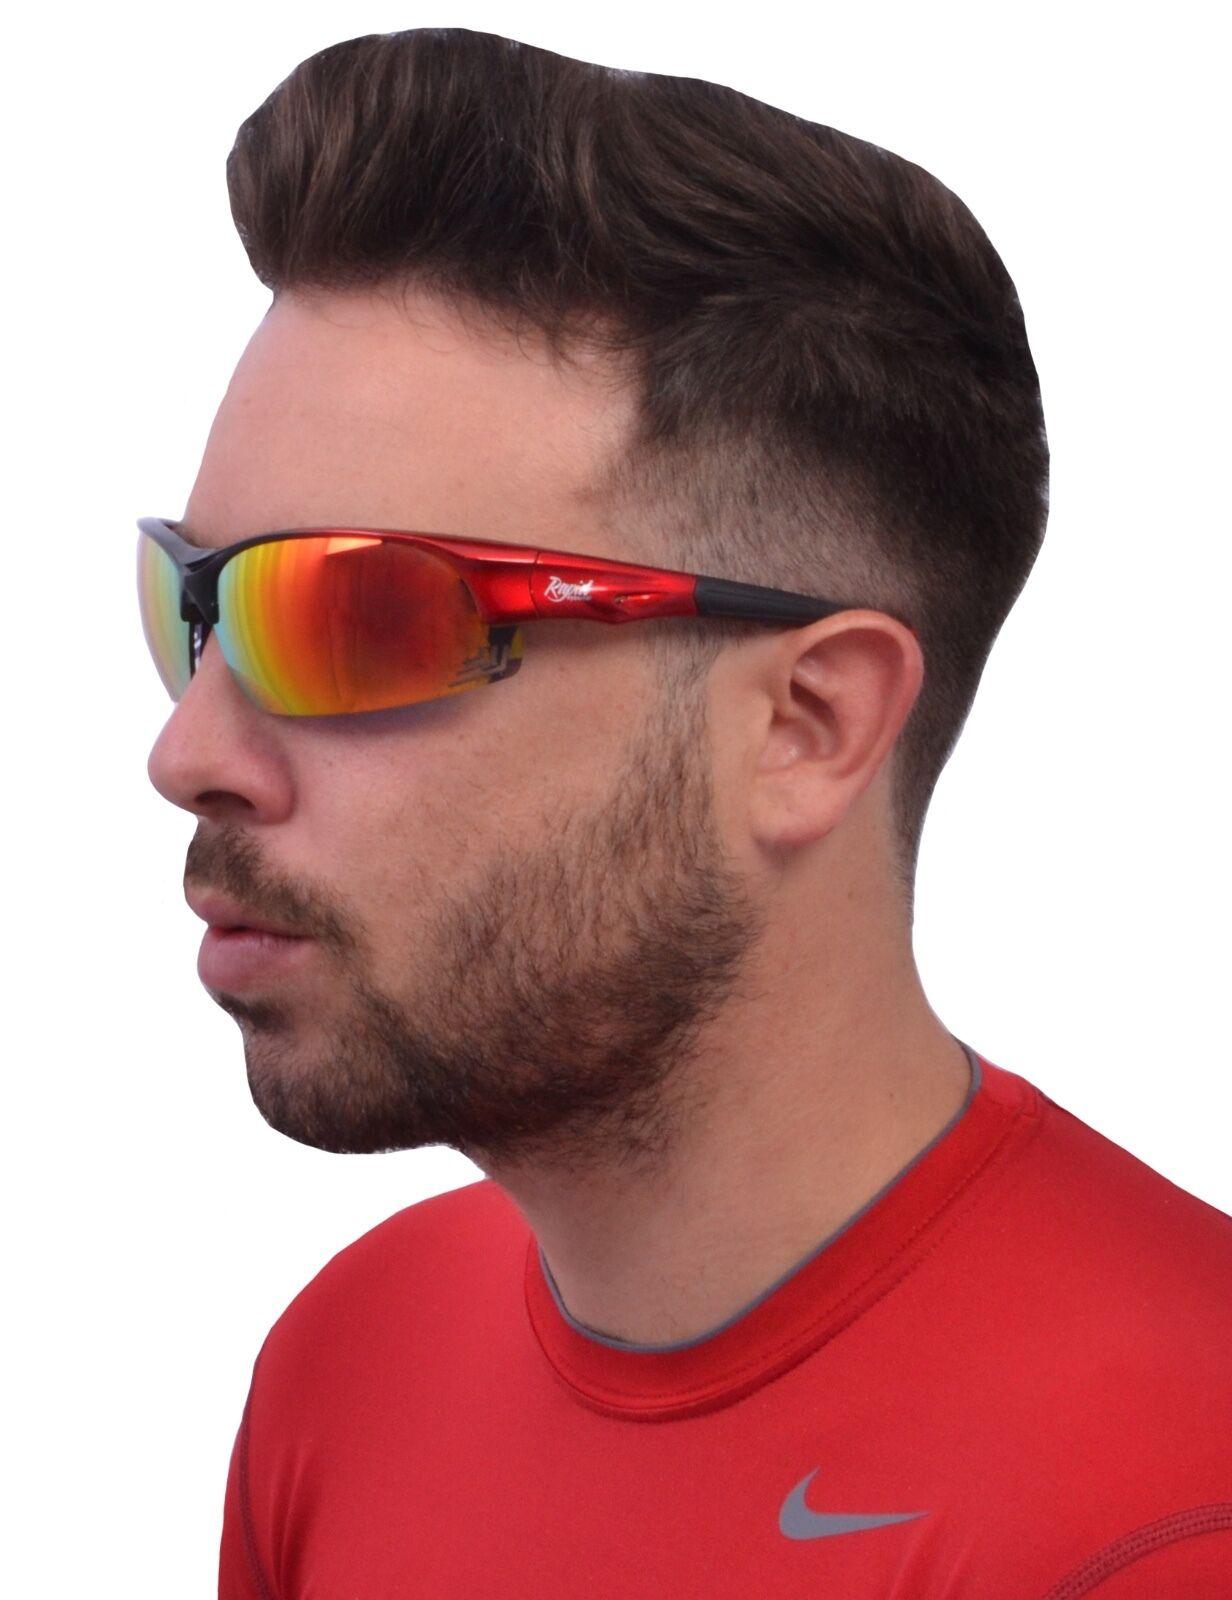 Damen Herren FAHRRADBRILLE Laufenbrille Radbrille. Rot. UV Getönt. Rapid Rapid Rapid Eyewear  | Vielfältiges neues Design  76e40f